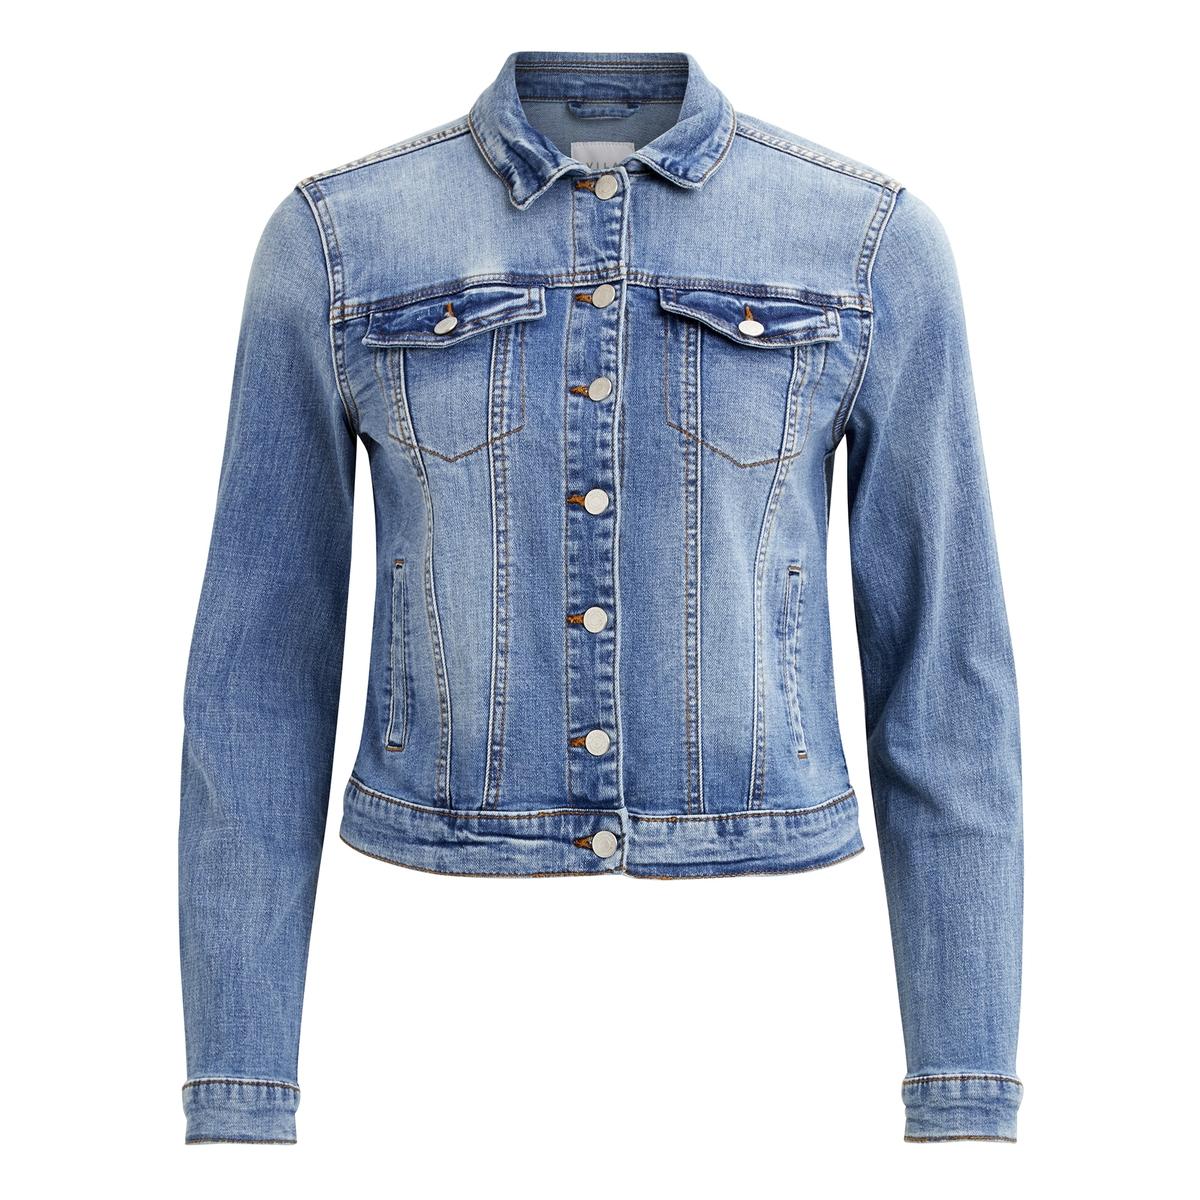 Куртка LaRedoute Прямого покроя из джинсовой ткани S синий